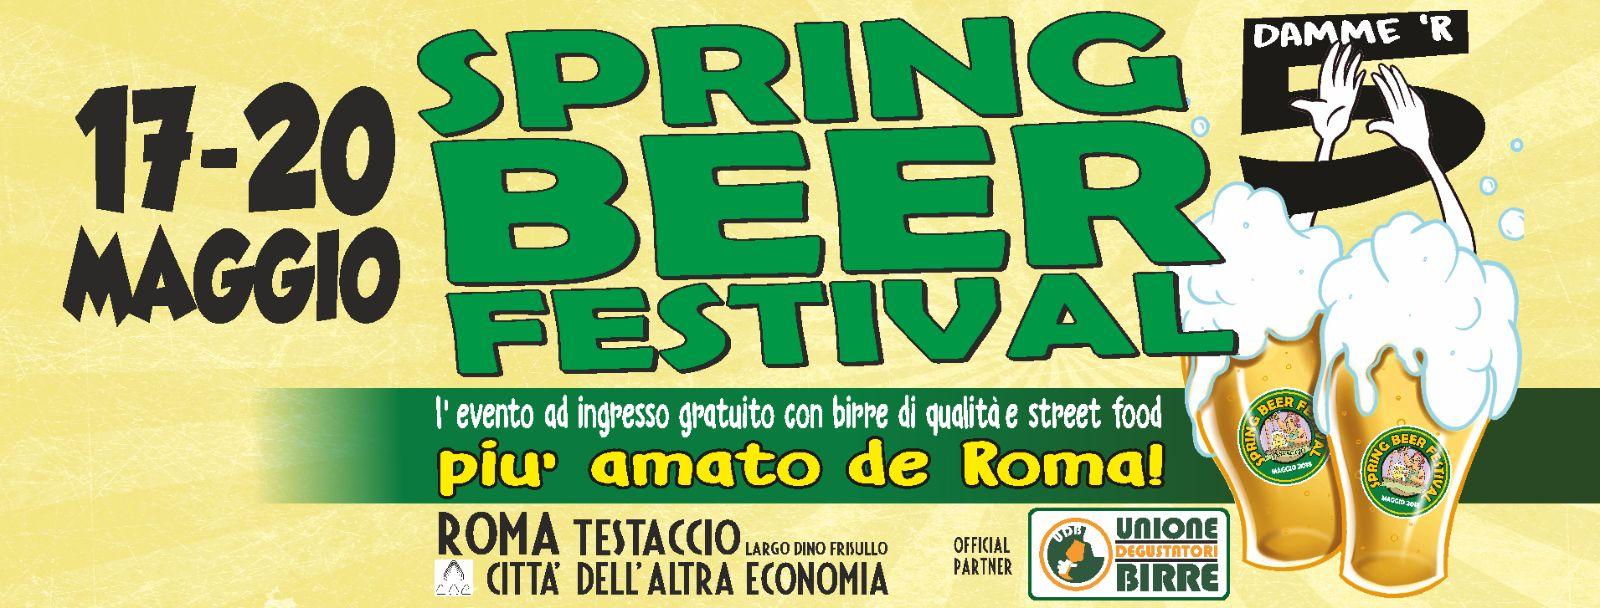 Al via domani a Roma la 5° edizione del Spring Beer Festival 2018